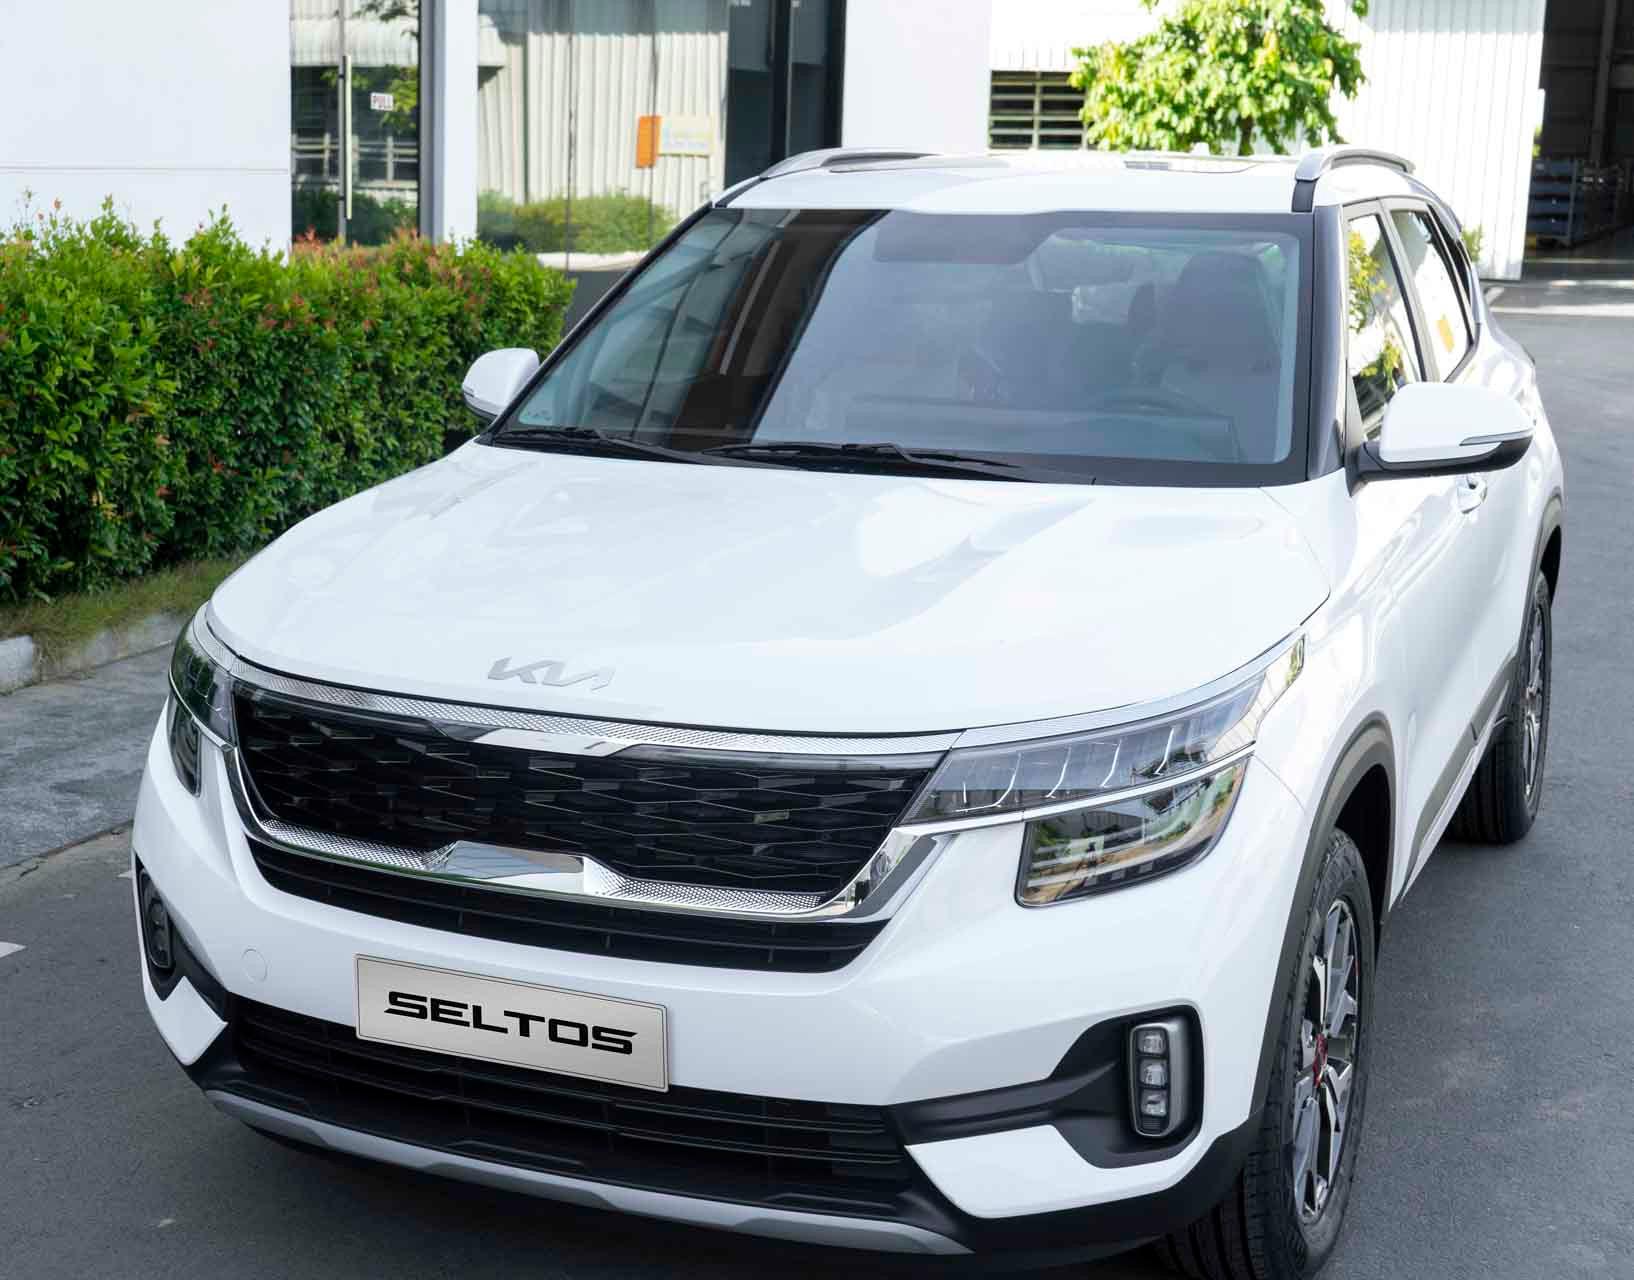 Những mẫu SUV/crossover được ưa chuộng nhất thị trường Việt tháng 8/2021